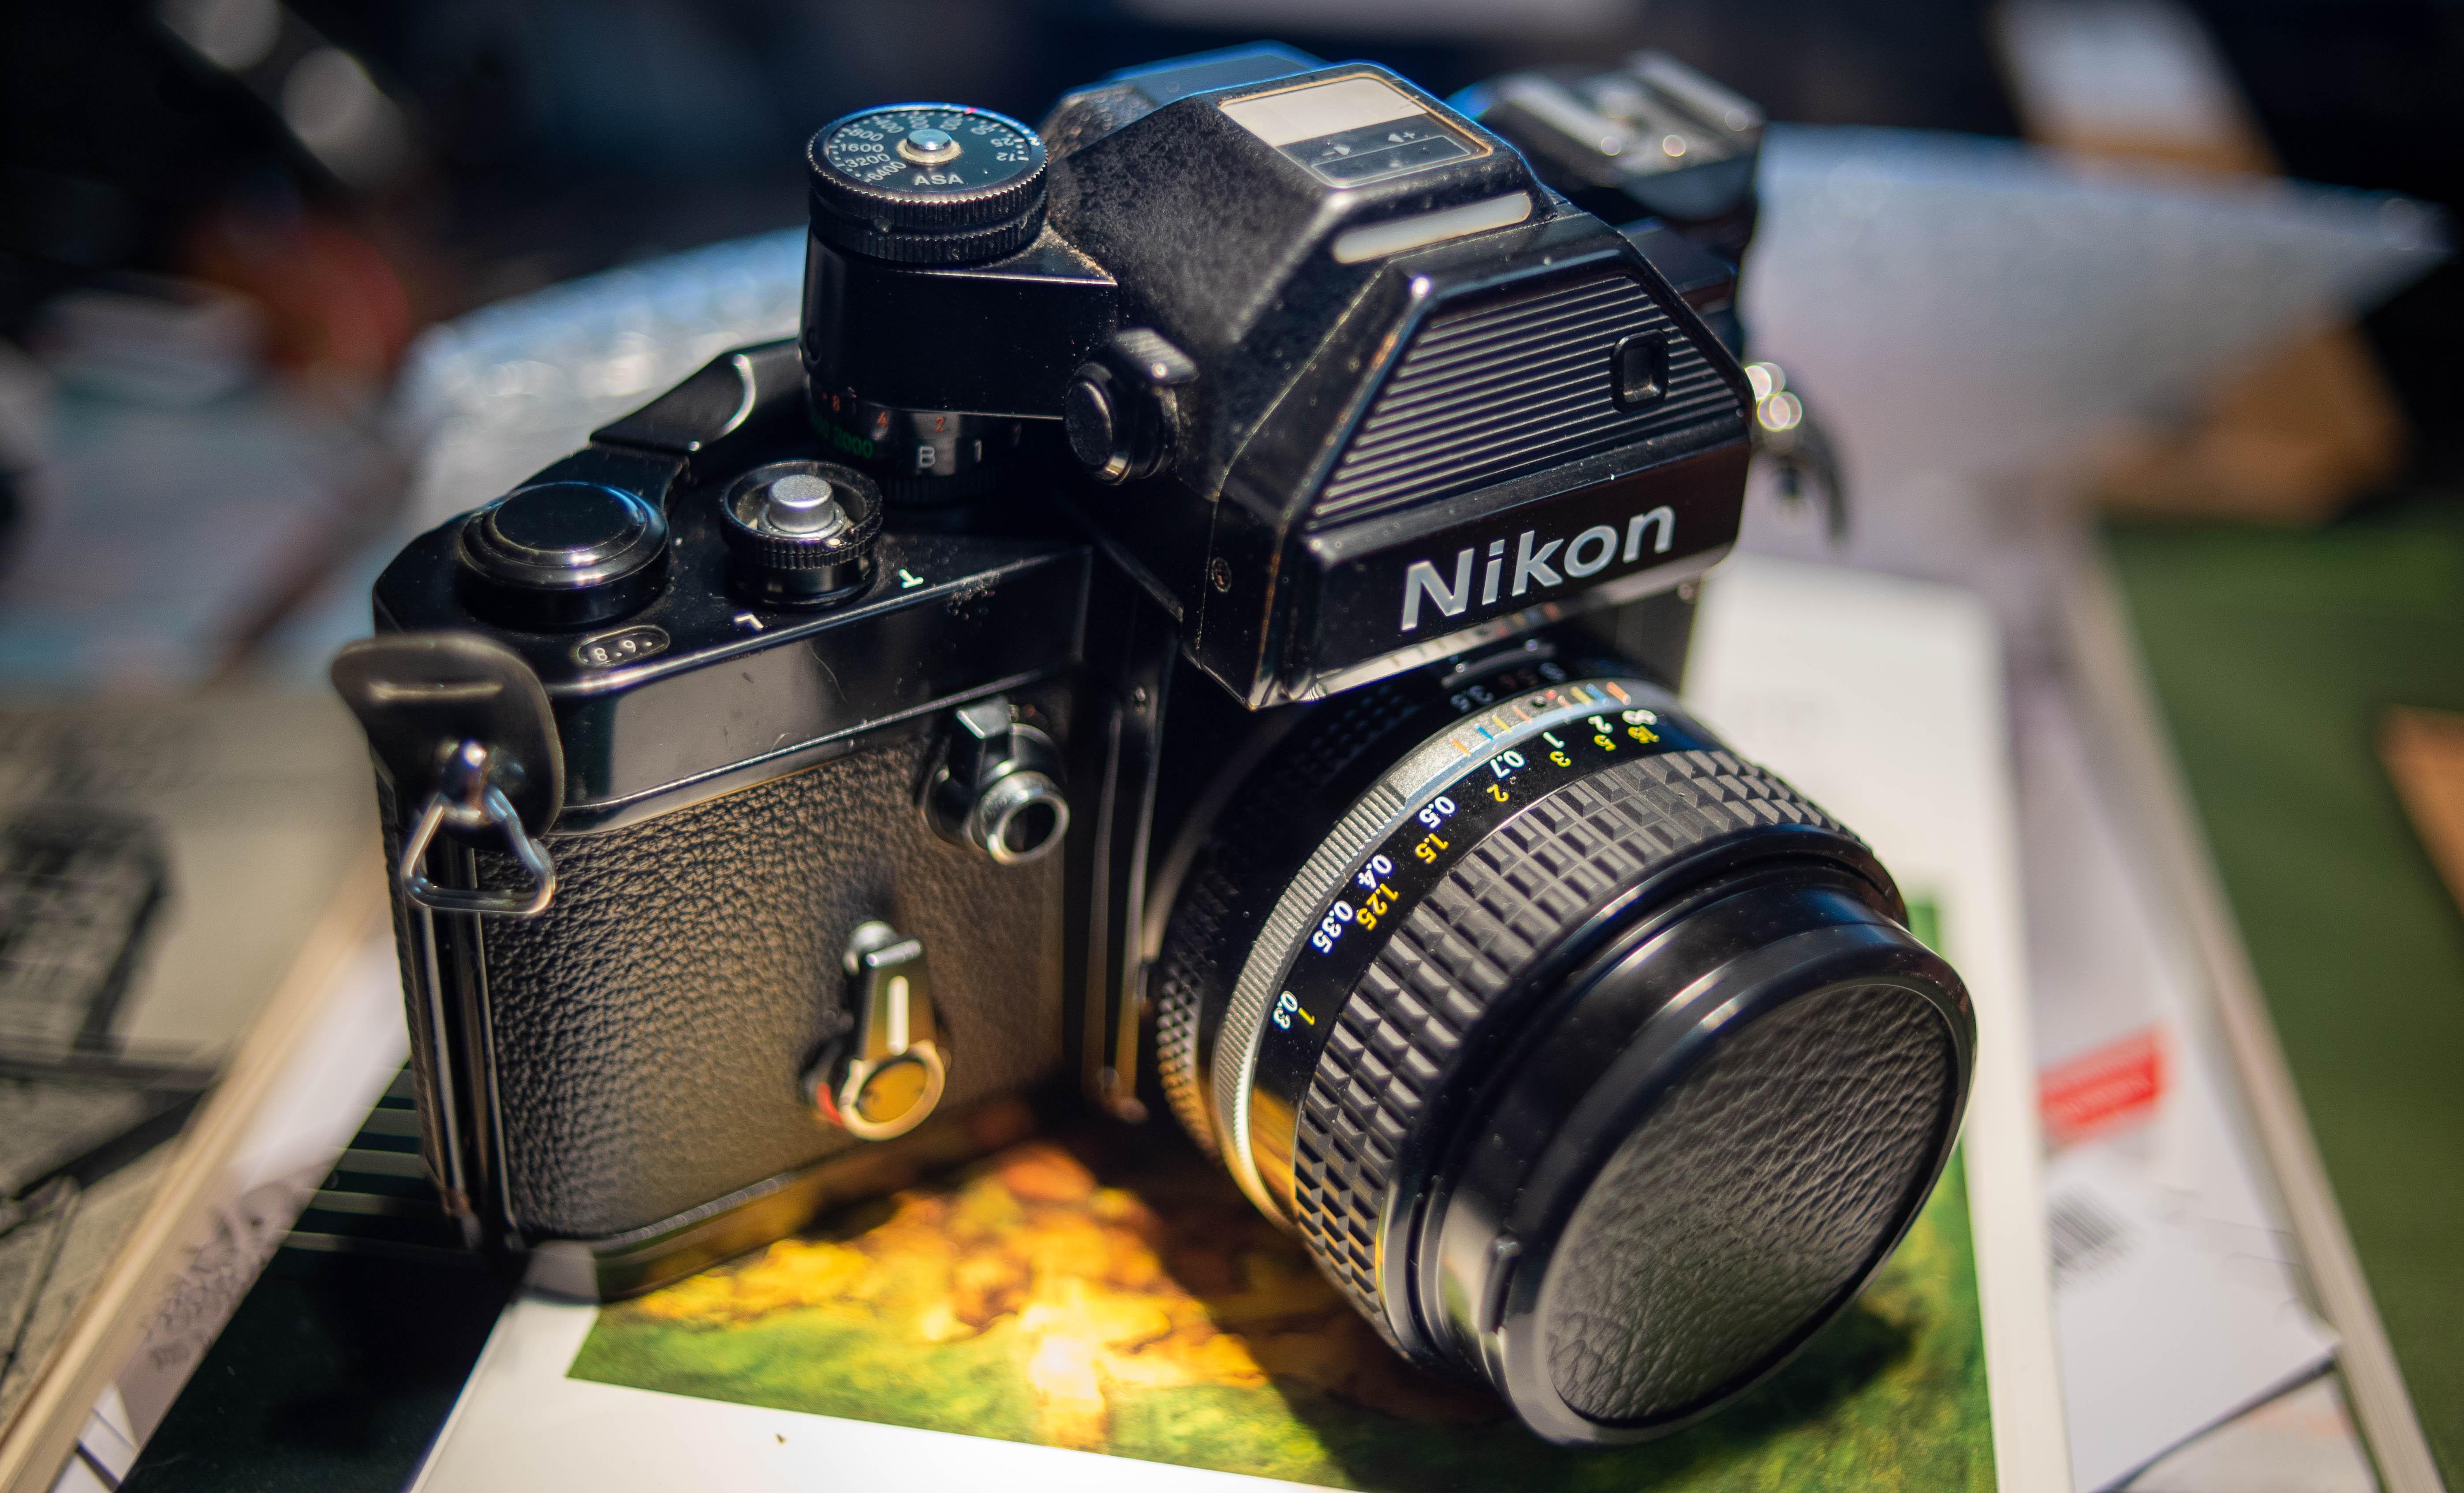 практичные вещи разновидности пленочных фотоаппаратов тому разнообразим